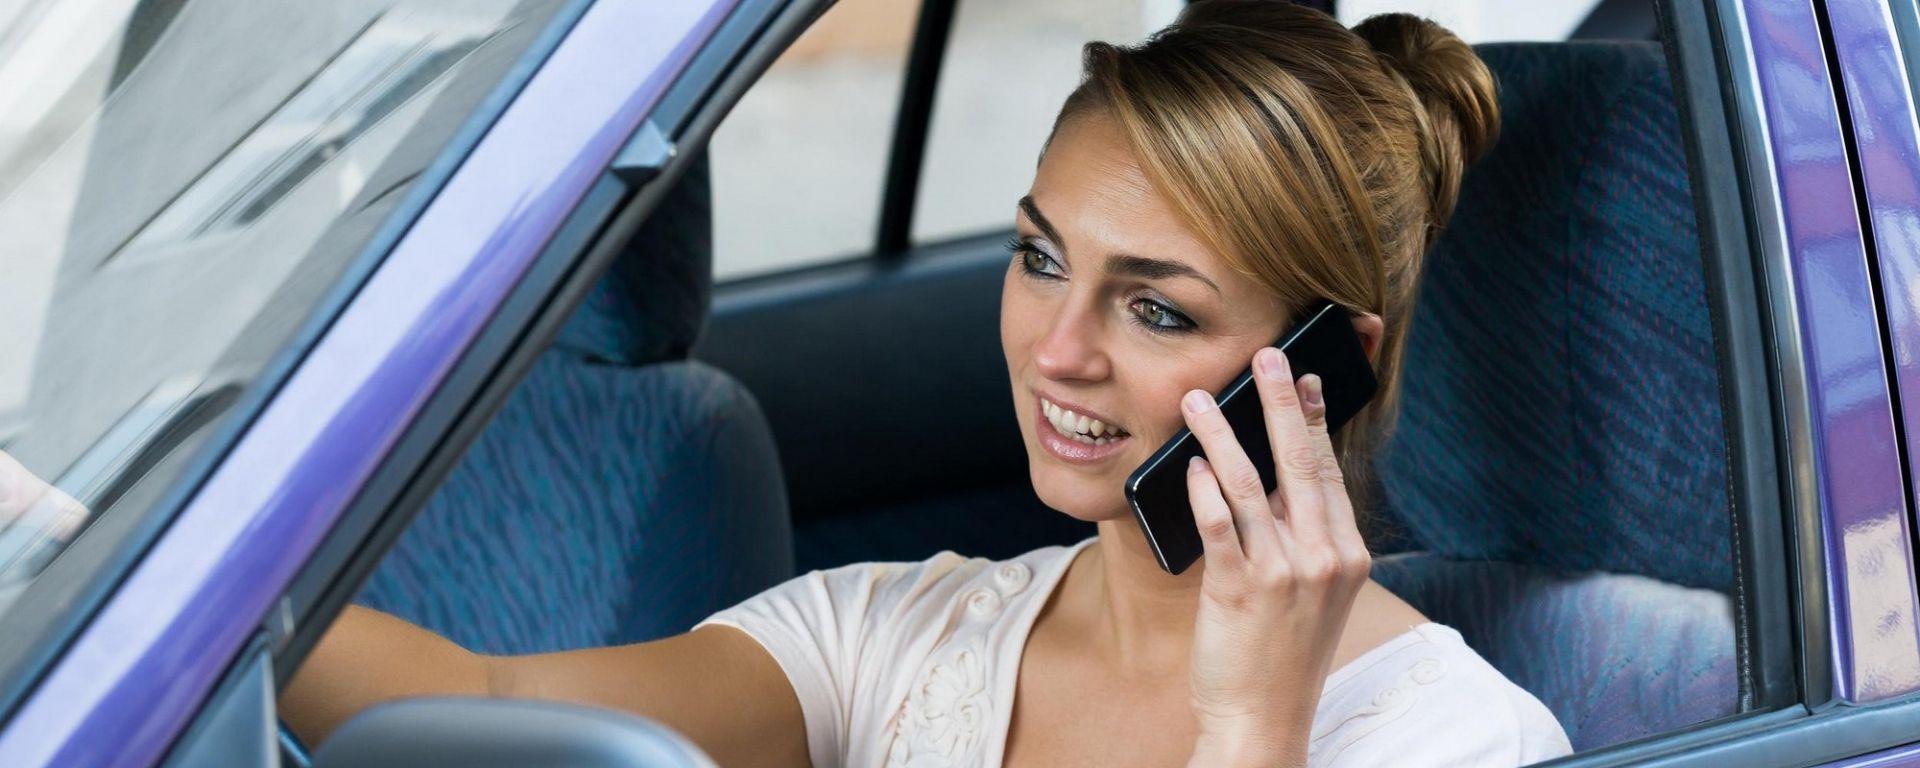 Cellulare alla guida, un modo per correggere i teenager esiste...